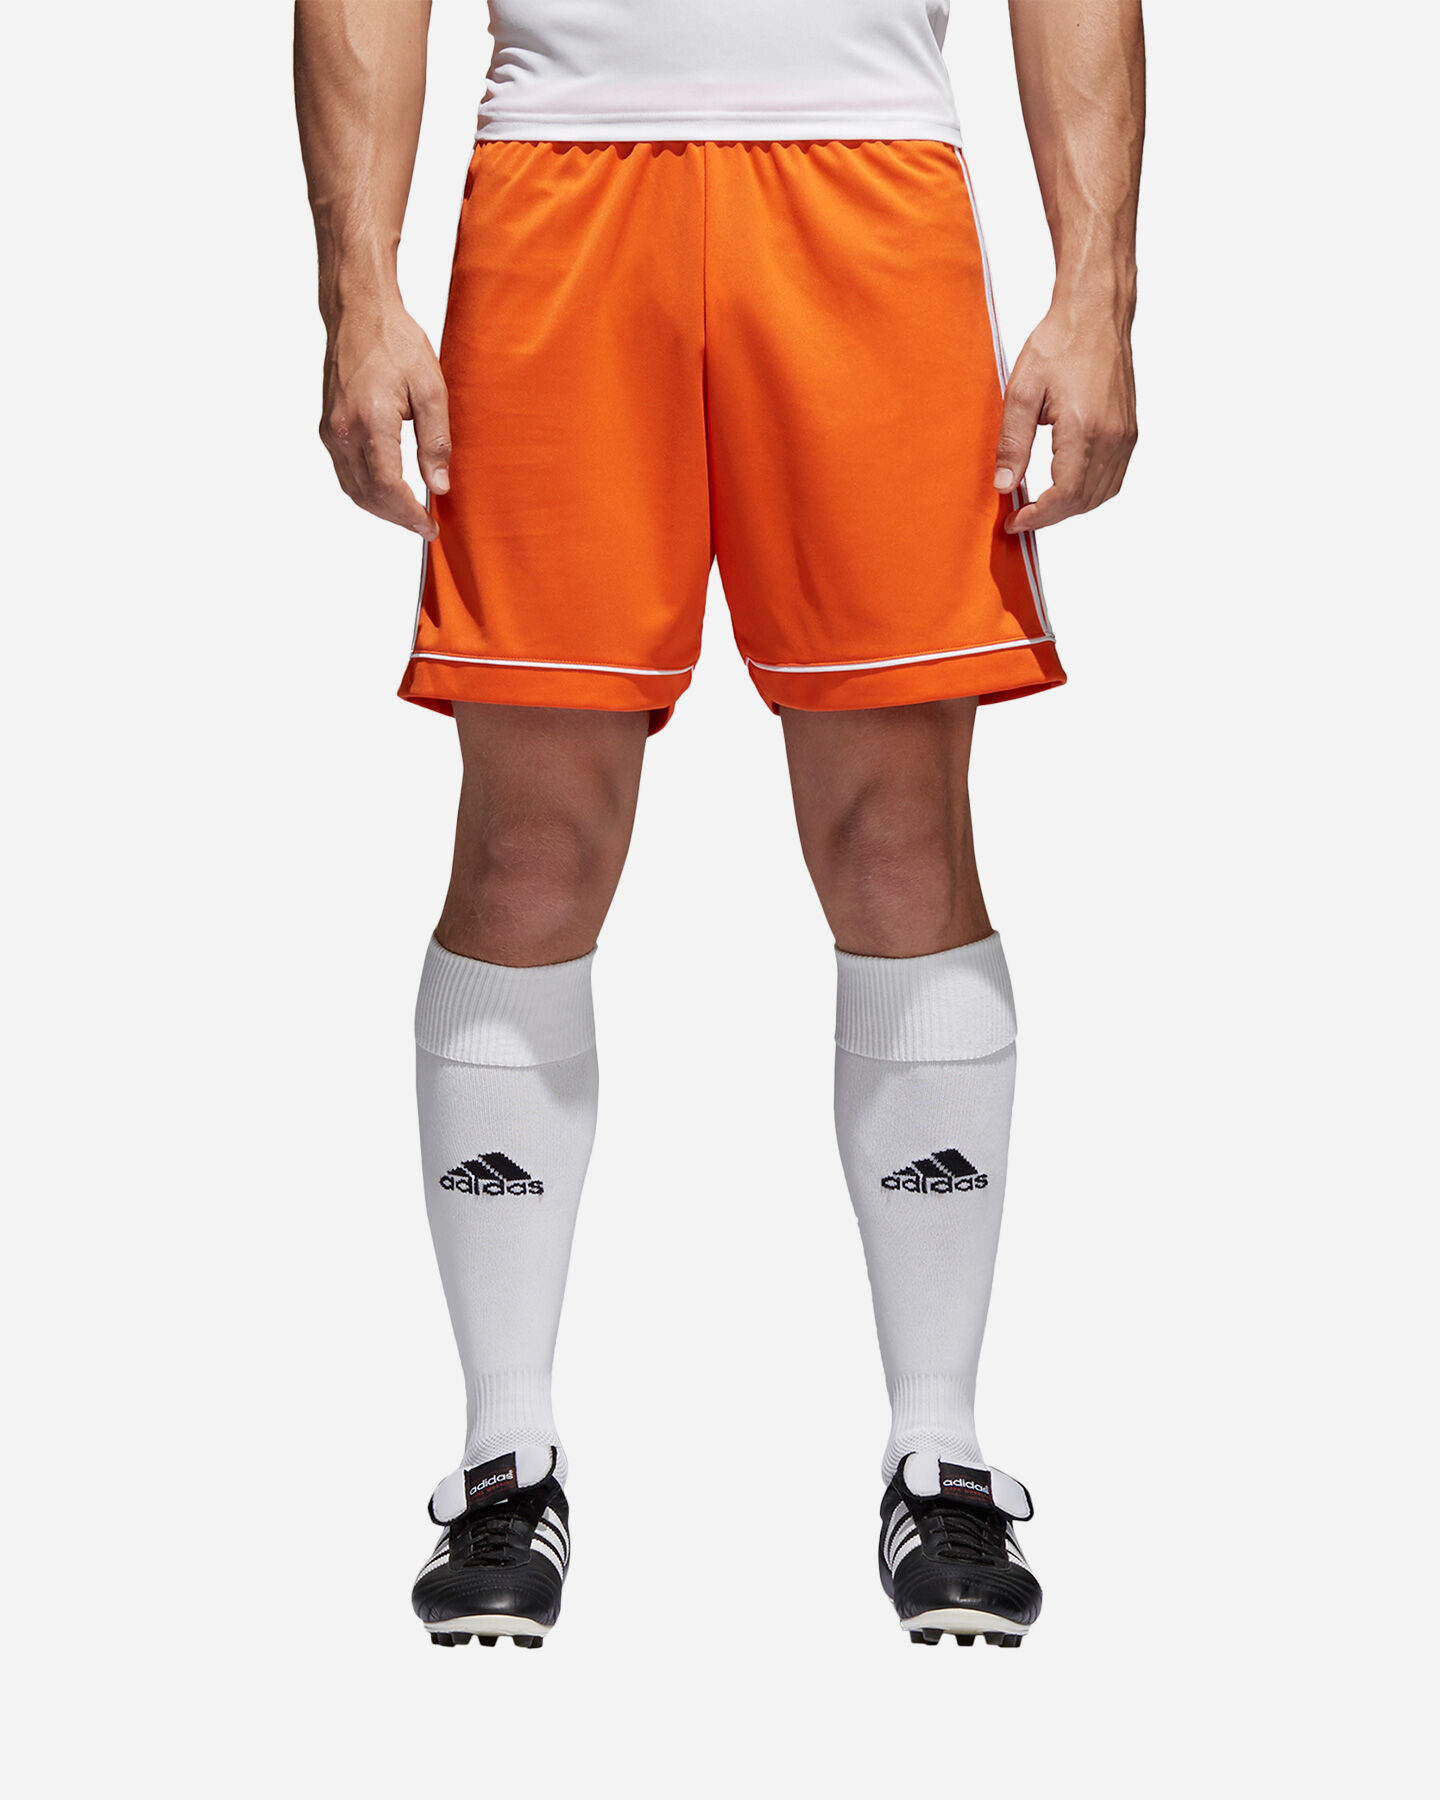 Pantaloncini calcio ADIDAS SQUADRA 17 M S4047455 scatto 2